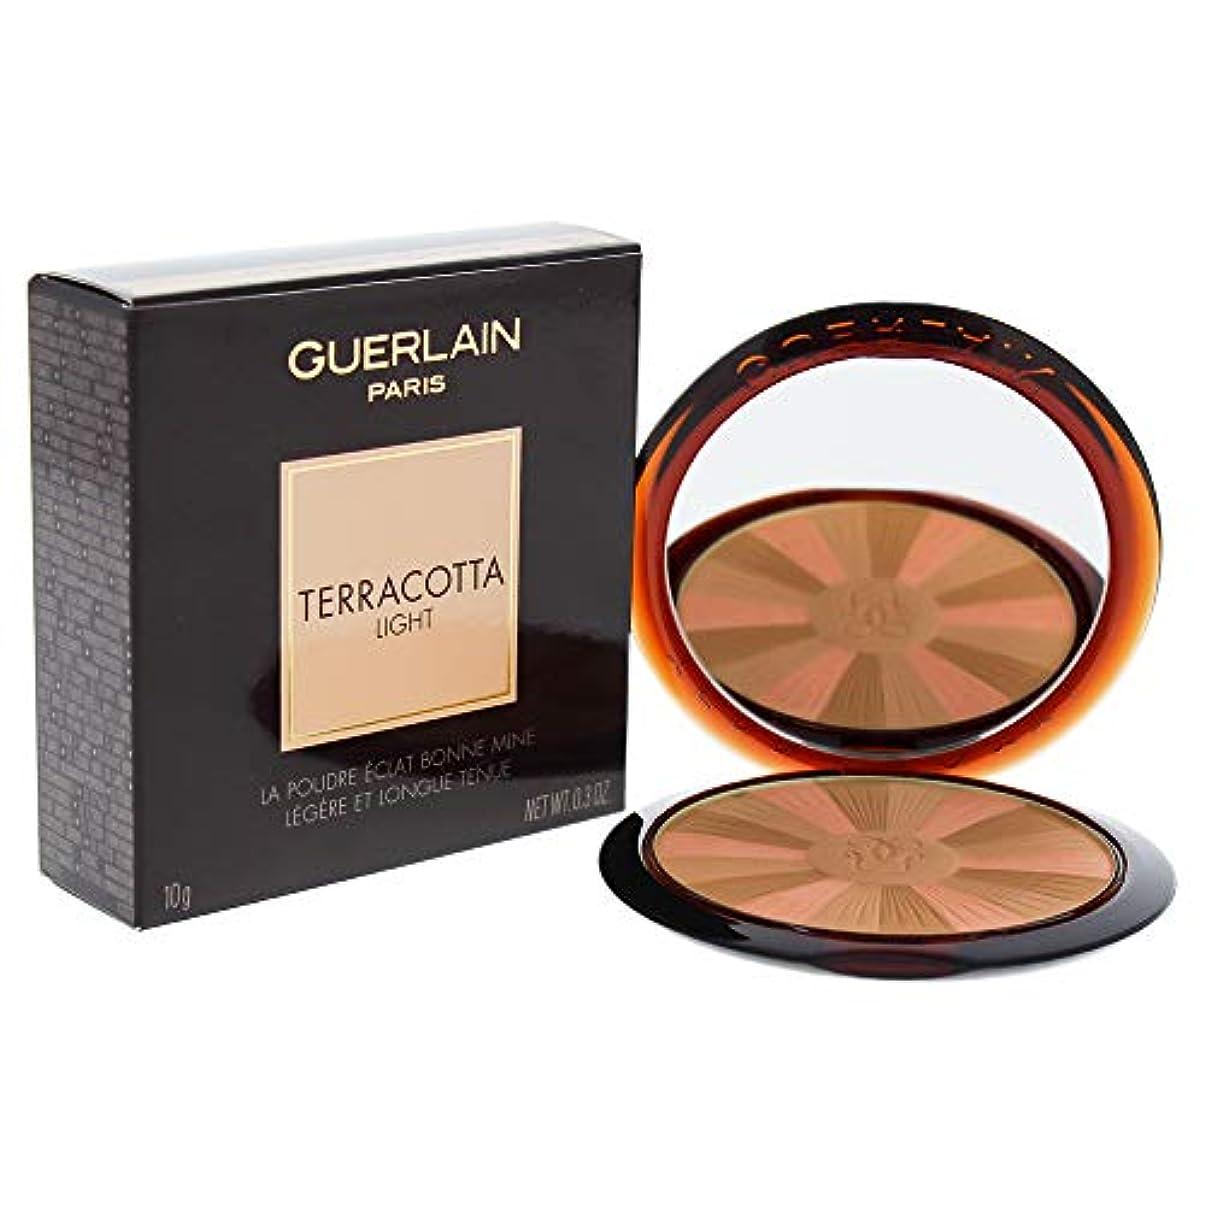 好戦的な入口ヘビーゲラン Terracotta Light The Sun Kissed Healthy Glow Powder - # 01 Light Warm 10g/0.3oz並行輸入品